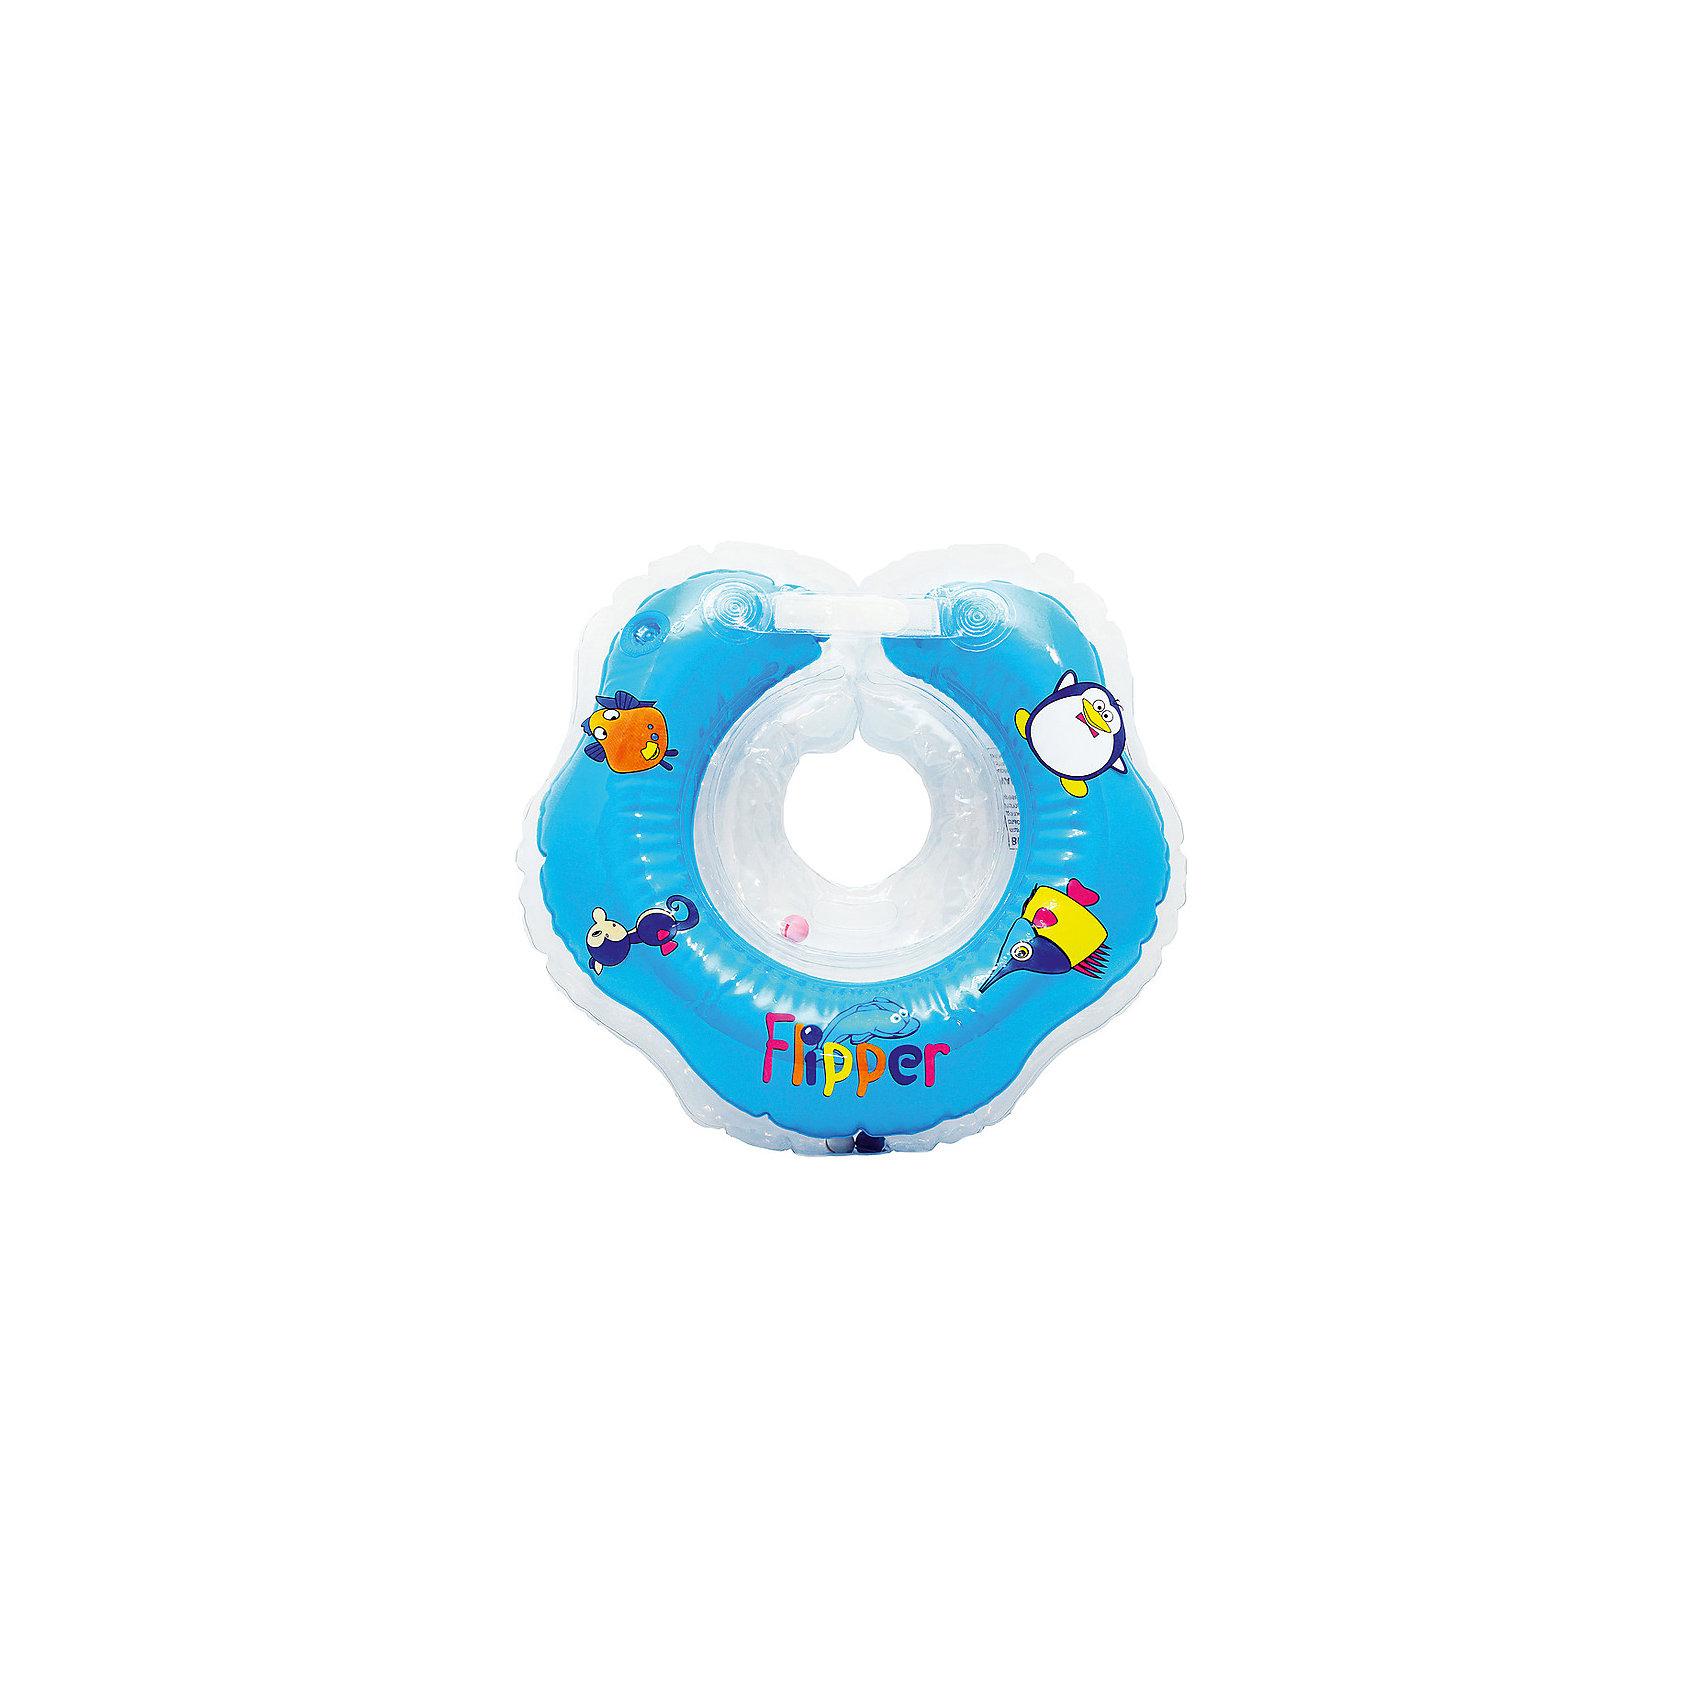 Круг на шею Flipper FL001 для купания малышей 0+, Roxy-Kids, голубойКруги для купания малыша<br>Круг на шею Flipper FL001, Roxy-Kids, обеспечит безопасность и комфорт Вашего ребенка во время купания и активных игр в воде. Может использоваться в ванной или для бассейна и на море. Круг выполнен из прочного полимера, имеет яркий привлекательный дизайн и полностью безопасен для детей. Оснащен двумя воздушными камерами, в которых находятся шарики-погремушки, комфортной выемкой для подбородка и ручками, благодаря которым родители смогут контролировать малыша. Дополнительная безопасность круга обеспечивается особой конструкцией круг в круге. Мягкий шов не натирает шею малыша благодаря технологии внутреннего шва. Две практичные регулируемые застежки (карабин и липучка) позволяют быстро и легко зафиксировать круг во время купания. Рассчитан на детей от 0 до 2 лет, весом до 18 кг.<br><br>Дополнительная информация:<br><br>- Цвет: голубой/морские обитатели.<br>- Материал: ПВХ.<br>- Размер круга: 39 х 36 см.<br>- Размер упаковки: 15 х 5 х 15 см.<br>- Вес: 0,3 кг.<br><br>Круг на шею Flipper FL001 для купания малышей 0+, Roxy-Kids, голубой, можно купить в нашем интернет-магазине.<br><br>Ширина мм: 150<br>Глубина мм: 50<br>Высота мм: 150<br>Вес г: 300<br>Цвет: голубой<br>Возраст от месяцев: 0<br>Возраст до месяцев: 18<br>Пол: Мужской<br>Возраст: Детский<br>SKU: 4546382